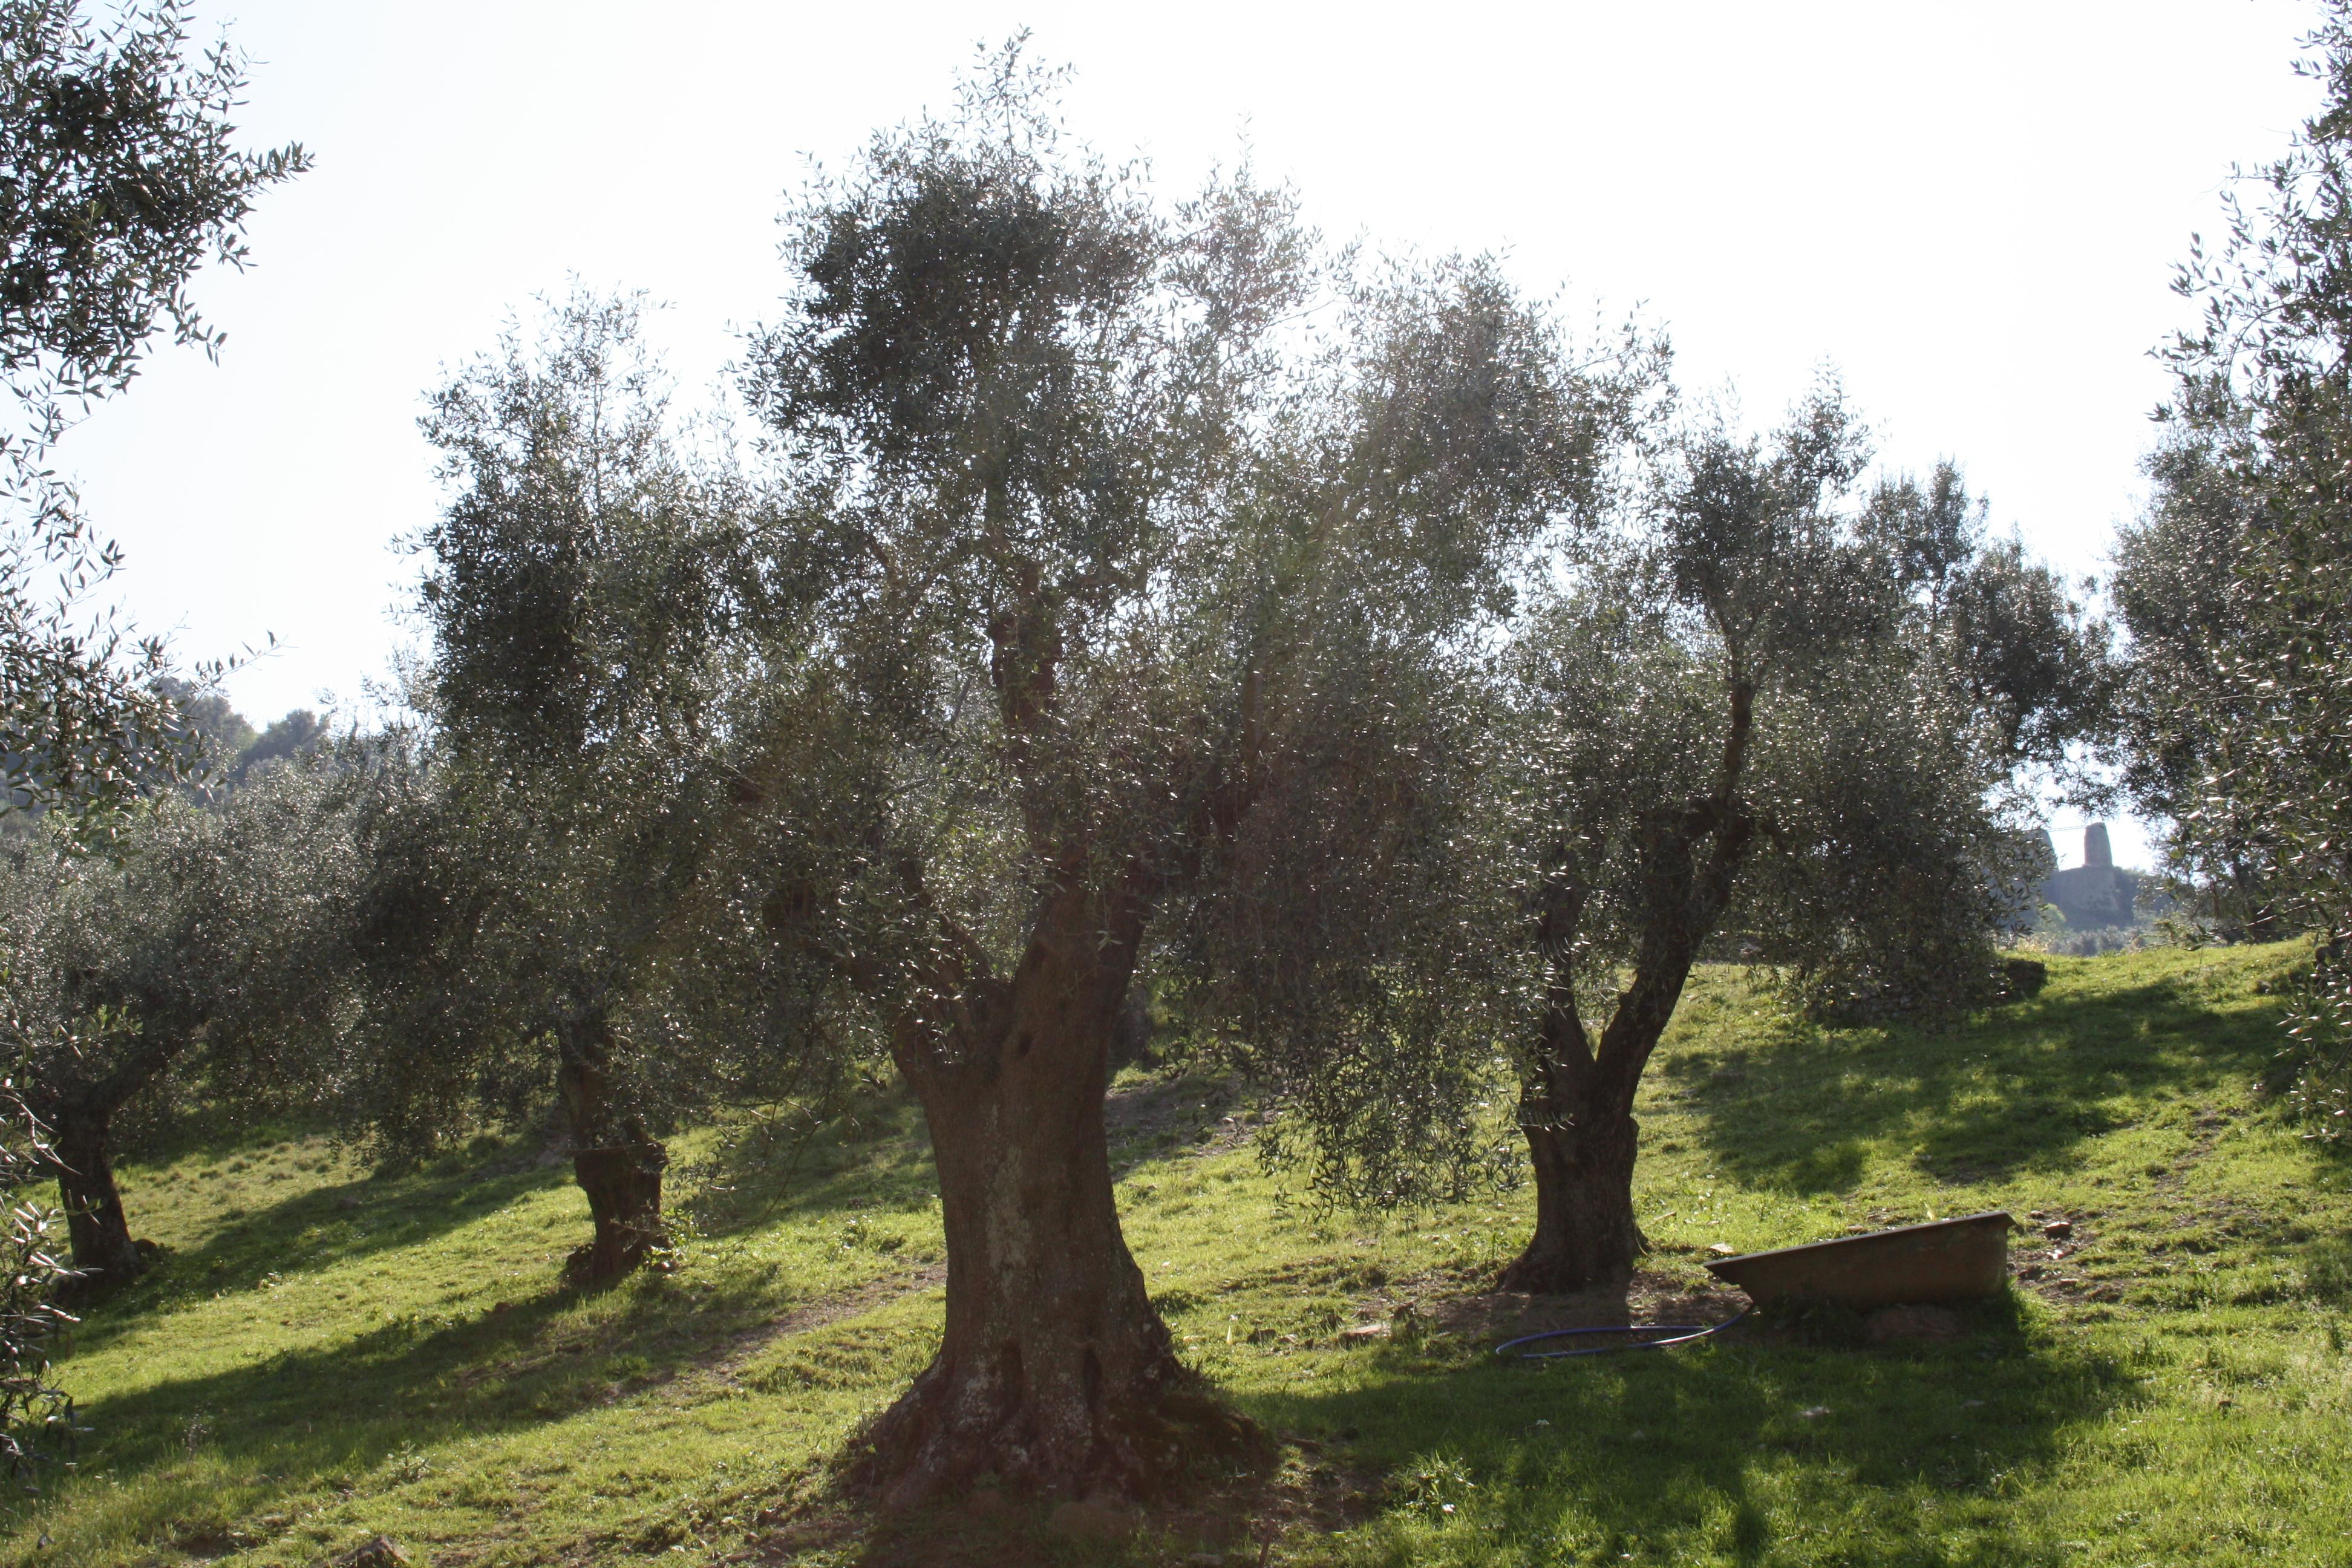 Piante Di Olivo : In arrivo i mesi della processionaria del pino servizio